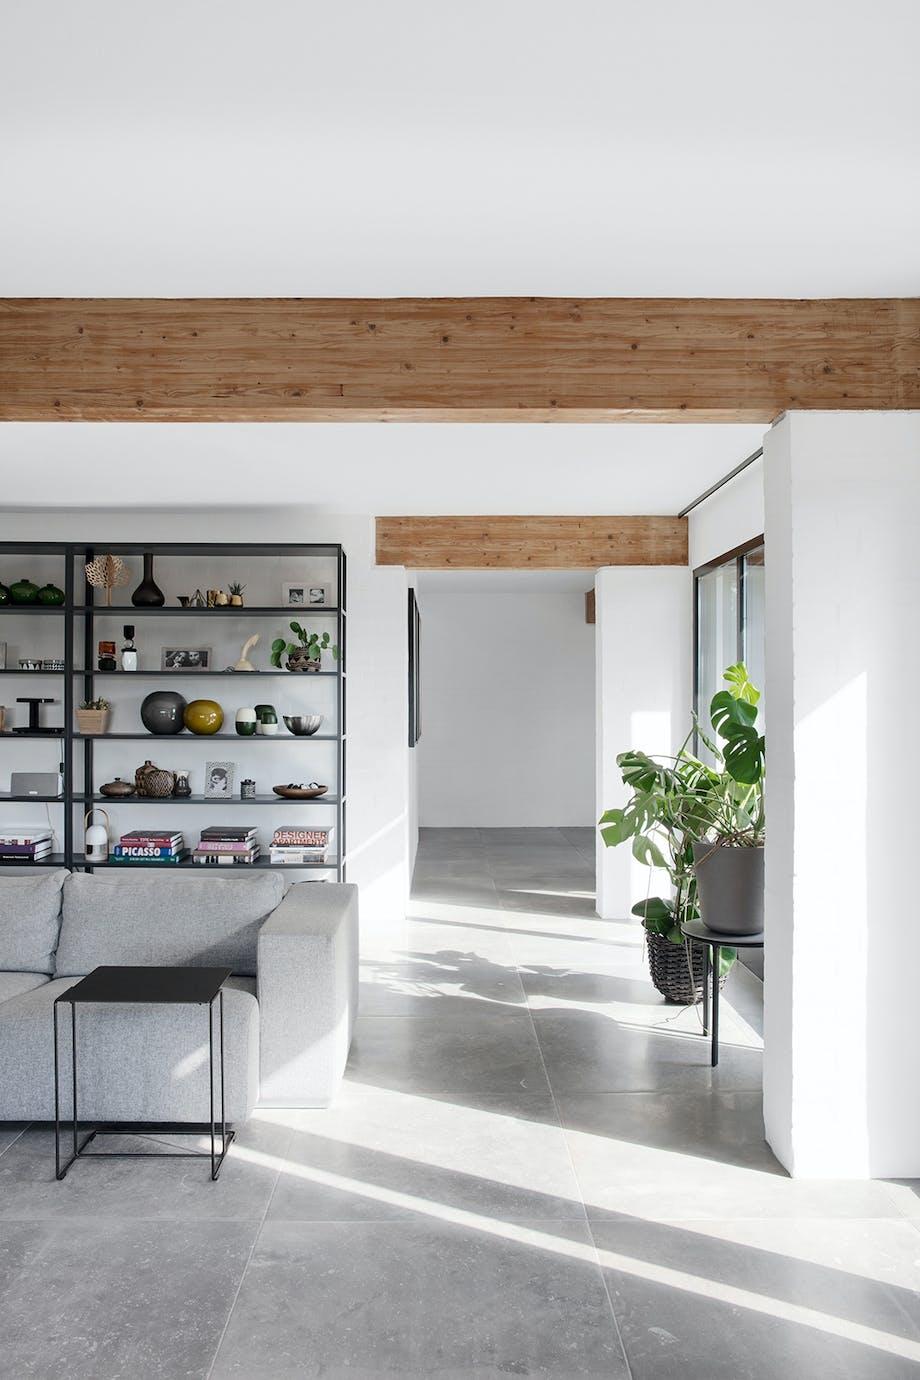 Køkken vinkelstue moderne sættekasse reol fra HAY